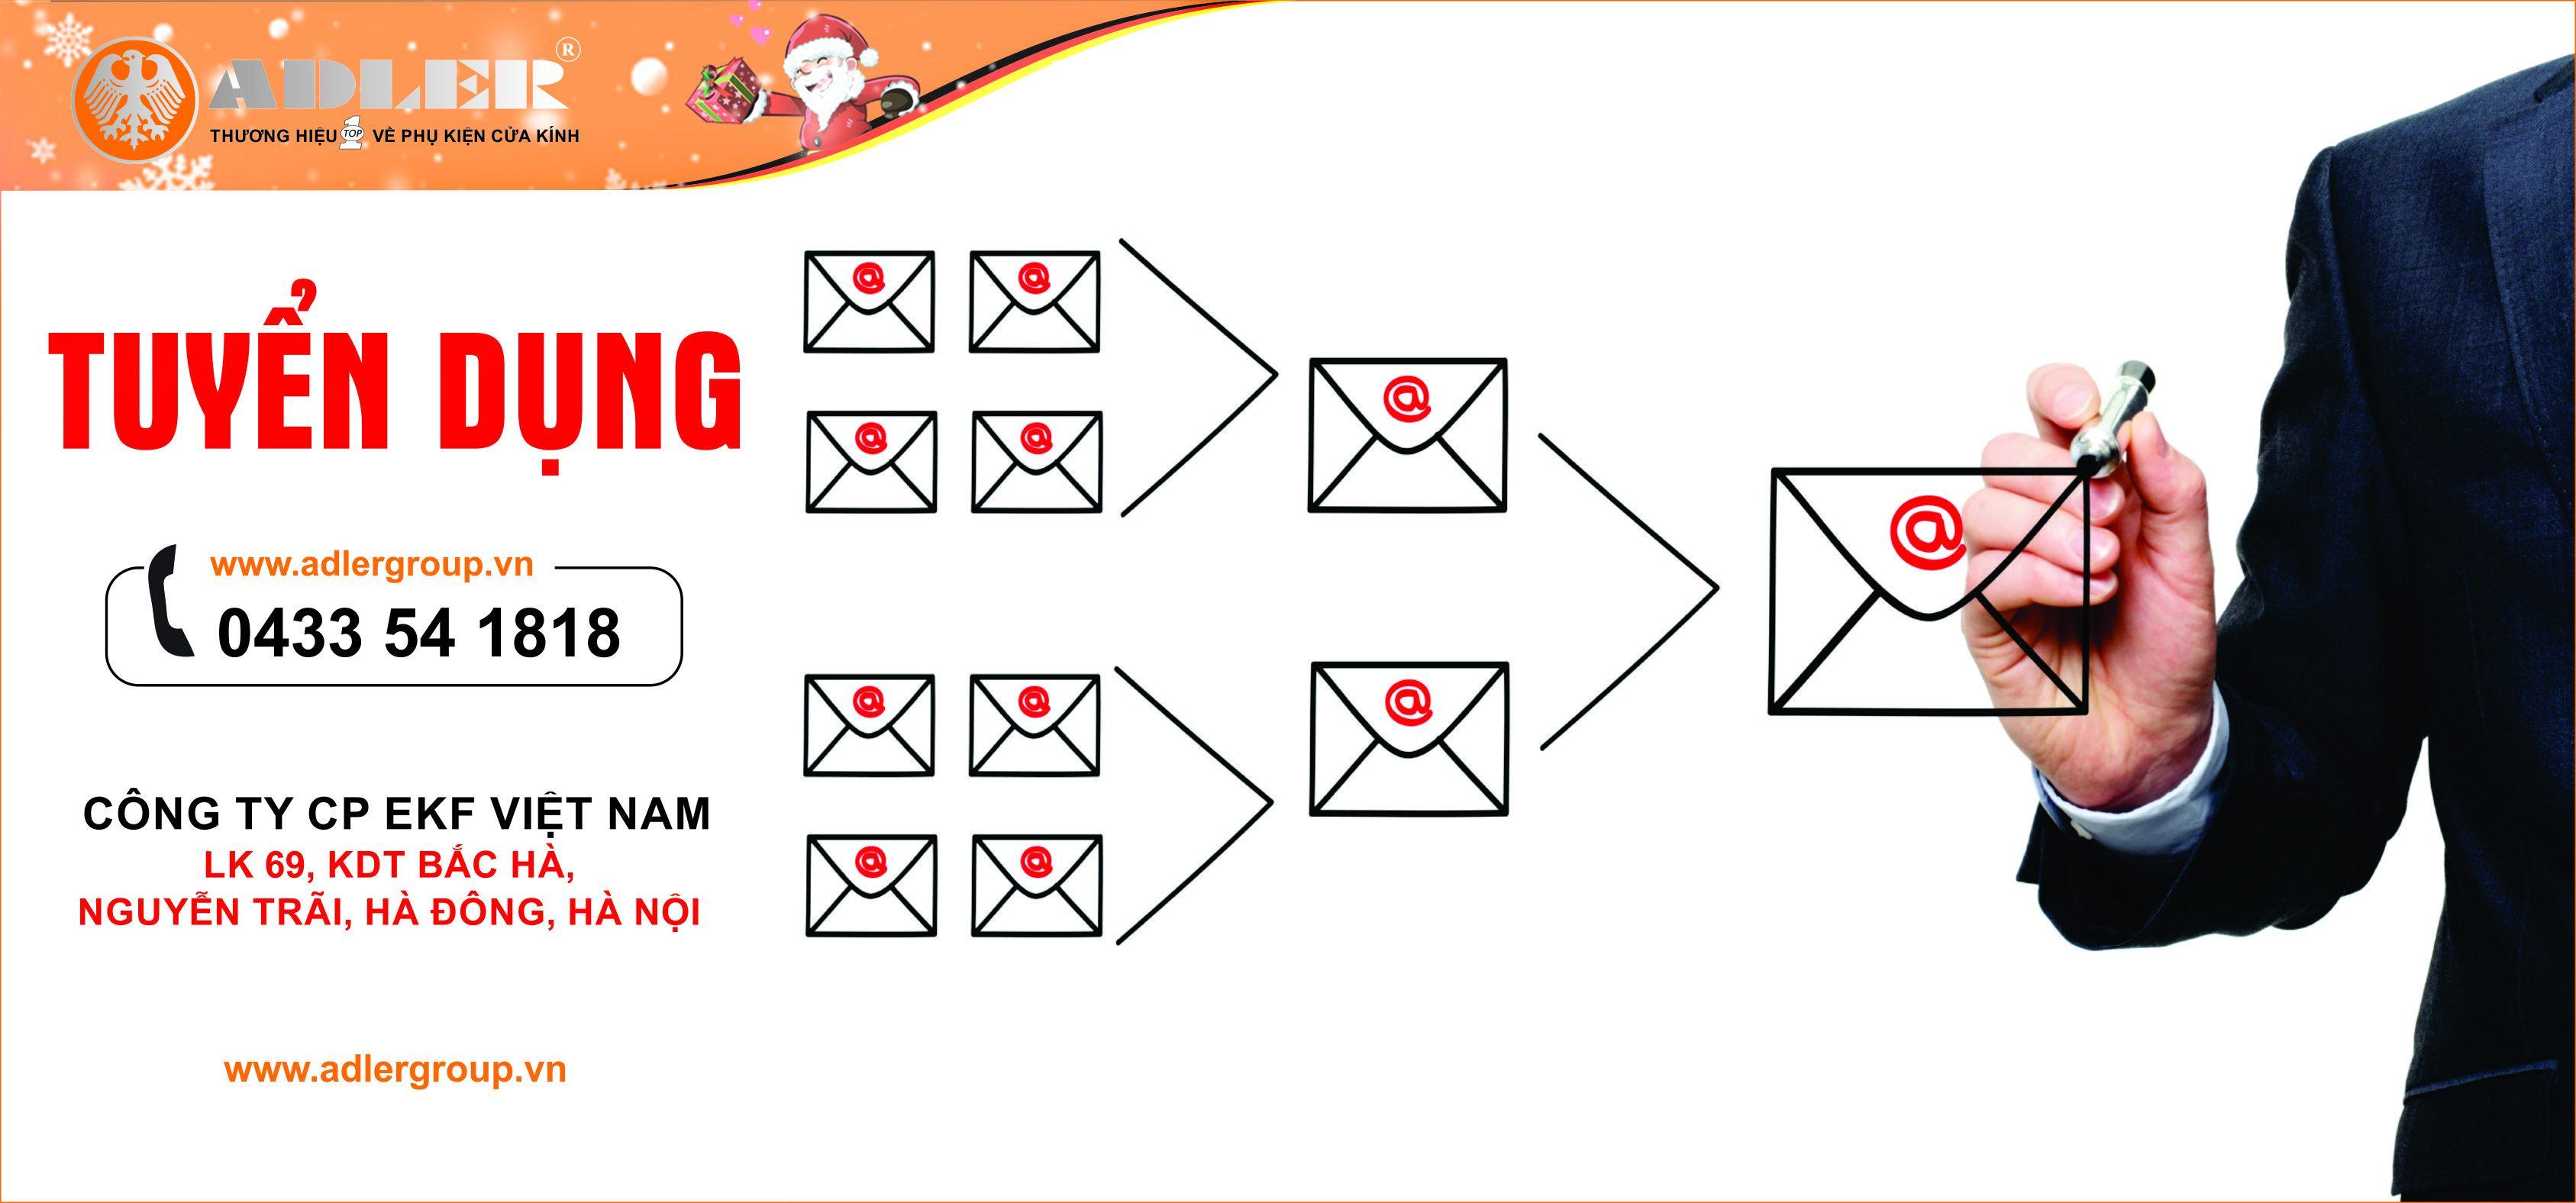 kỹ năng viết email là kỹ năng cơ bản đến mức không còn gì cơ bản hơn